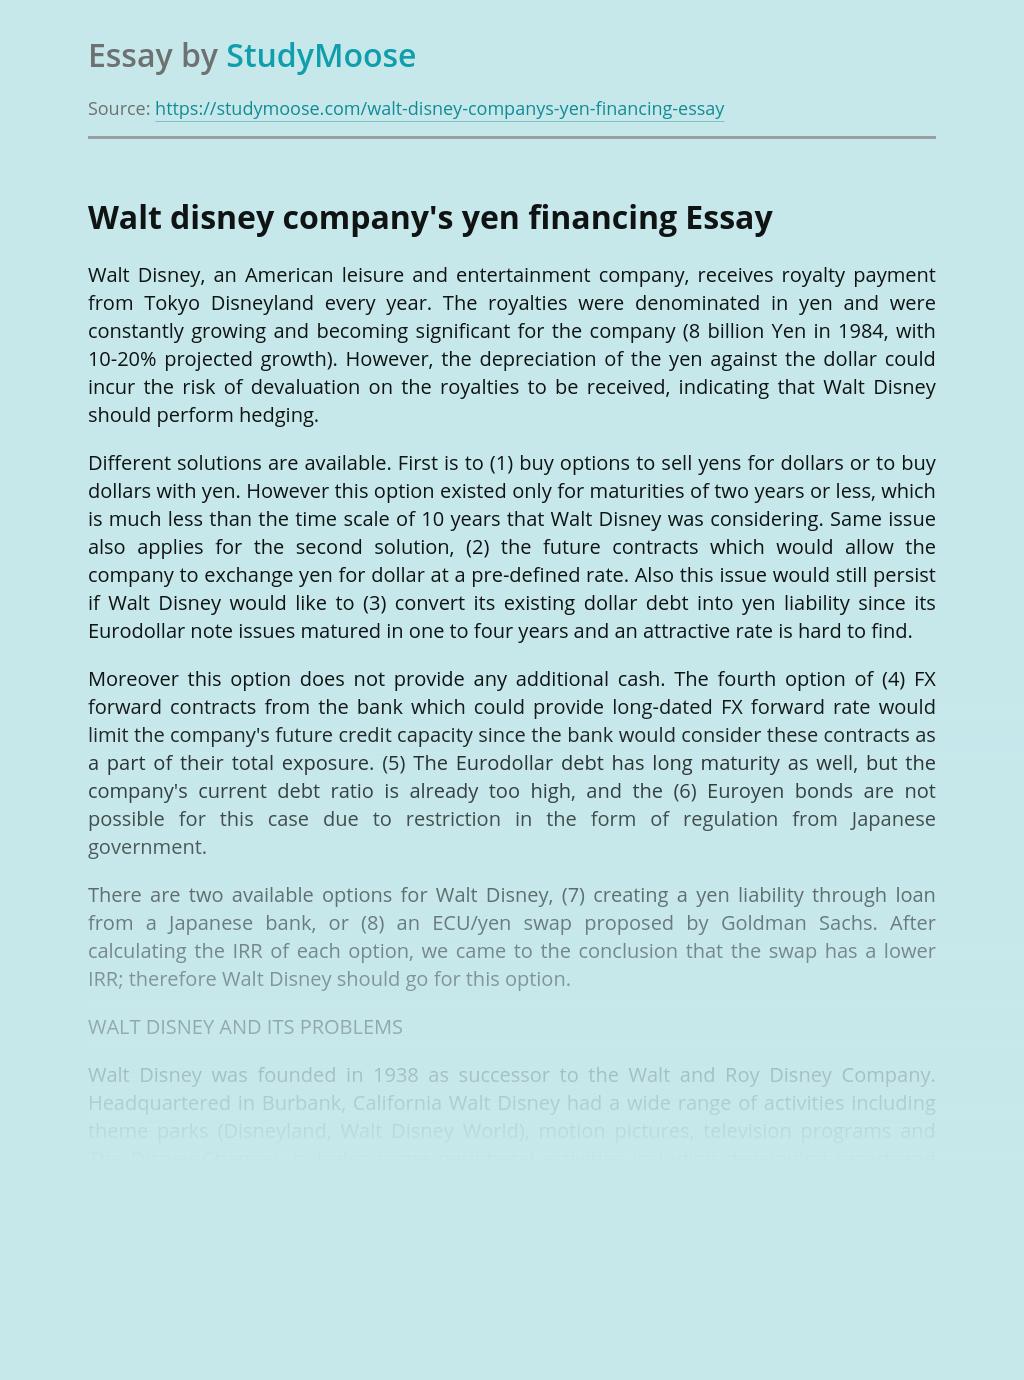 Walt disney company's yen financing